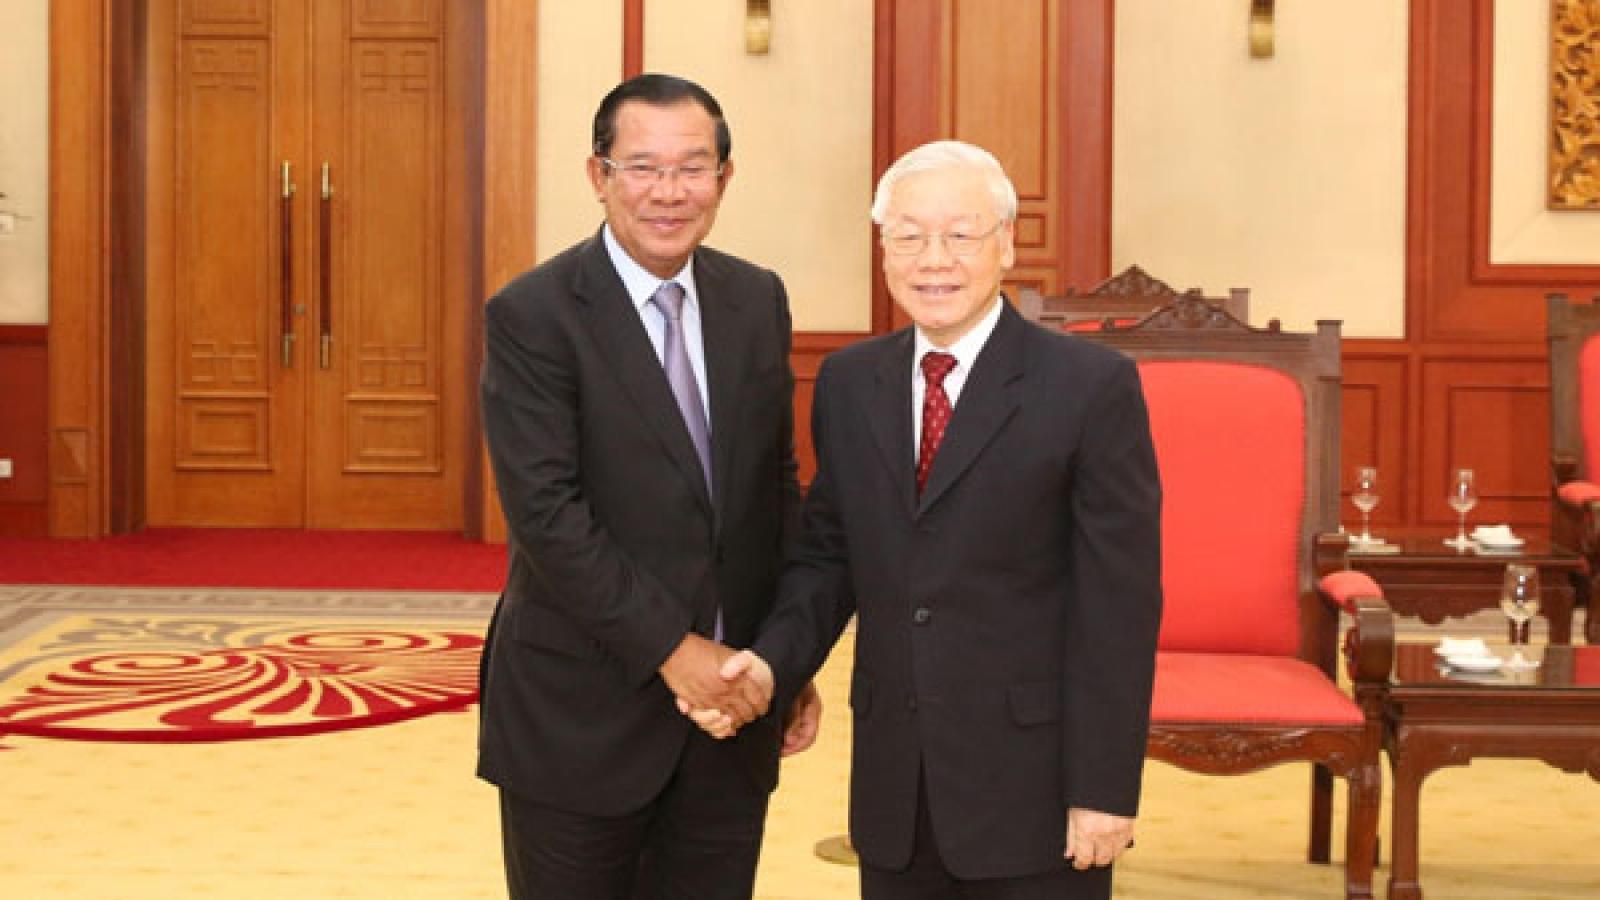 Tổng Bí thư Nguyễn Phú Trọng gửi thư thăm hỏi tình hình dịch Covid-19 tại Campuchia